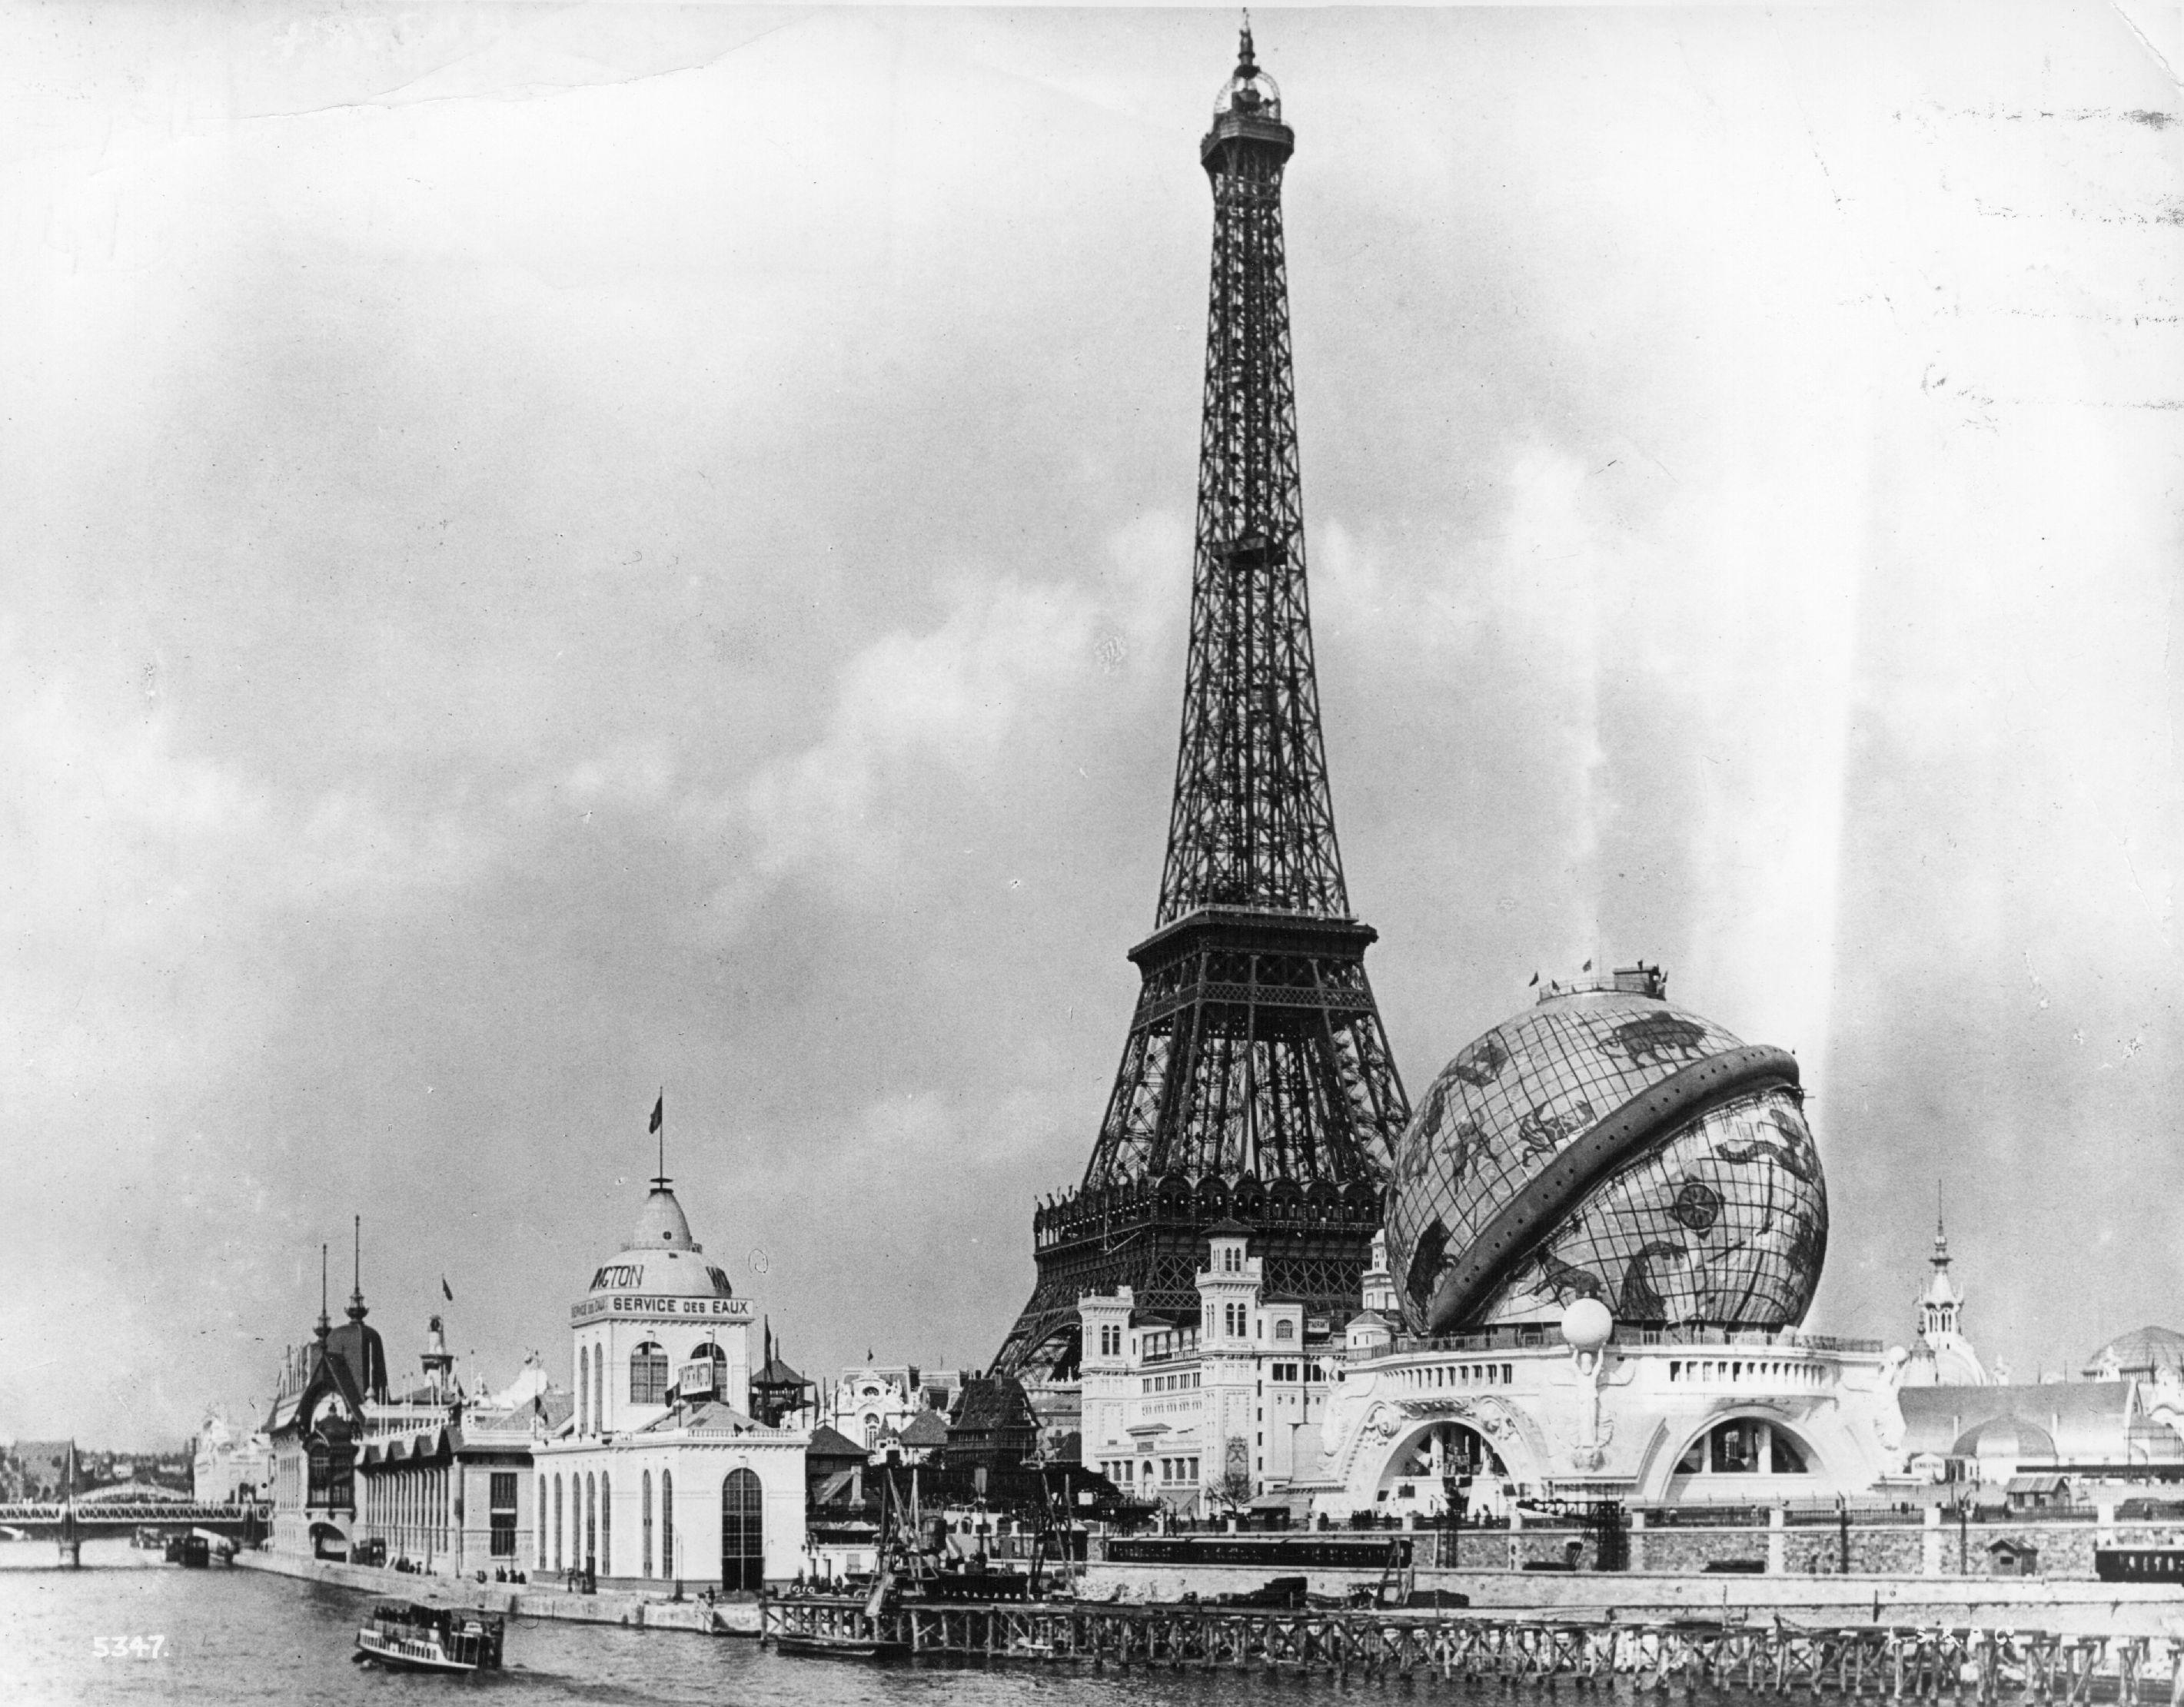 2. kép: A Párizsi Világkiállításra nem csak az Eiffel-torony, hanem a 'Globe Celesete' is felépült, a torony közelében.